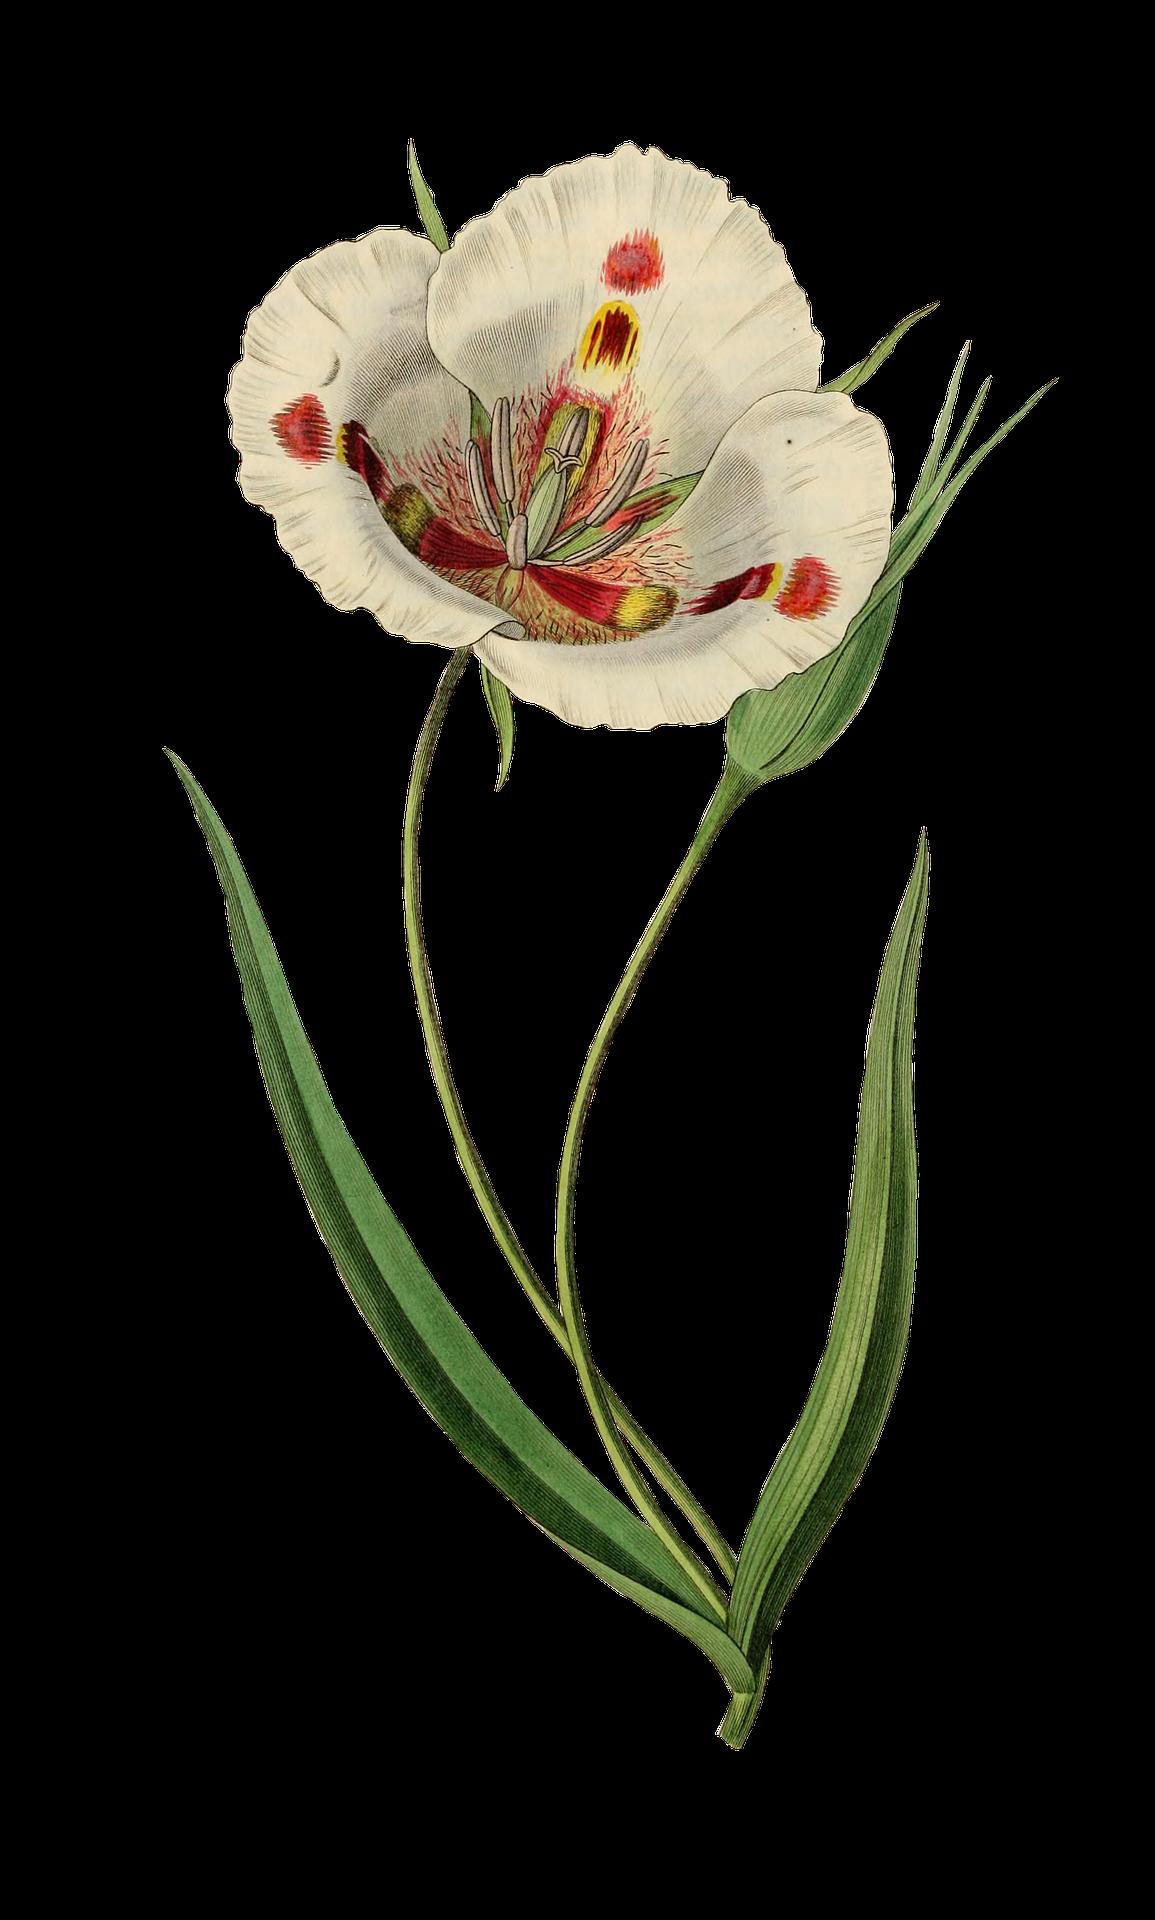 tulip-1952016_1920